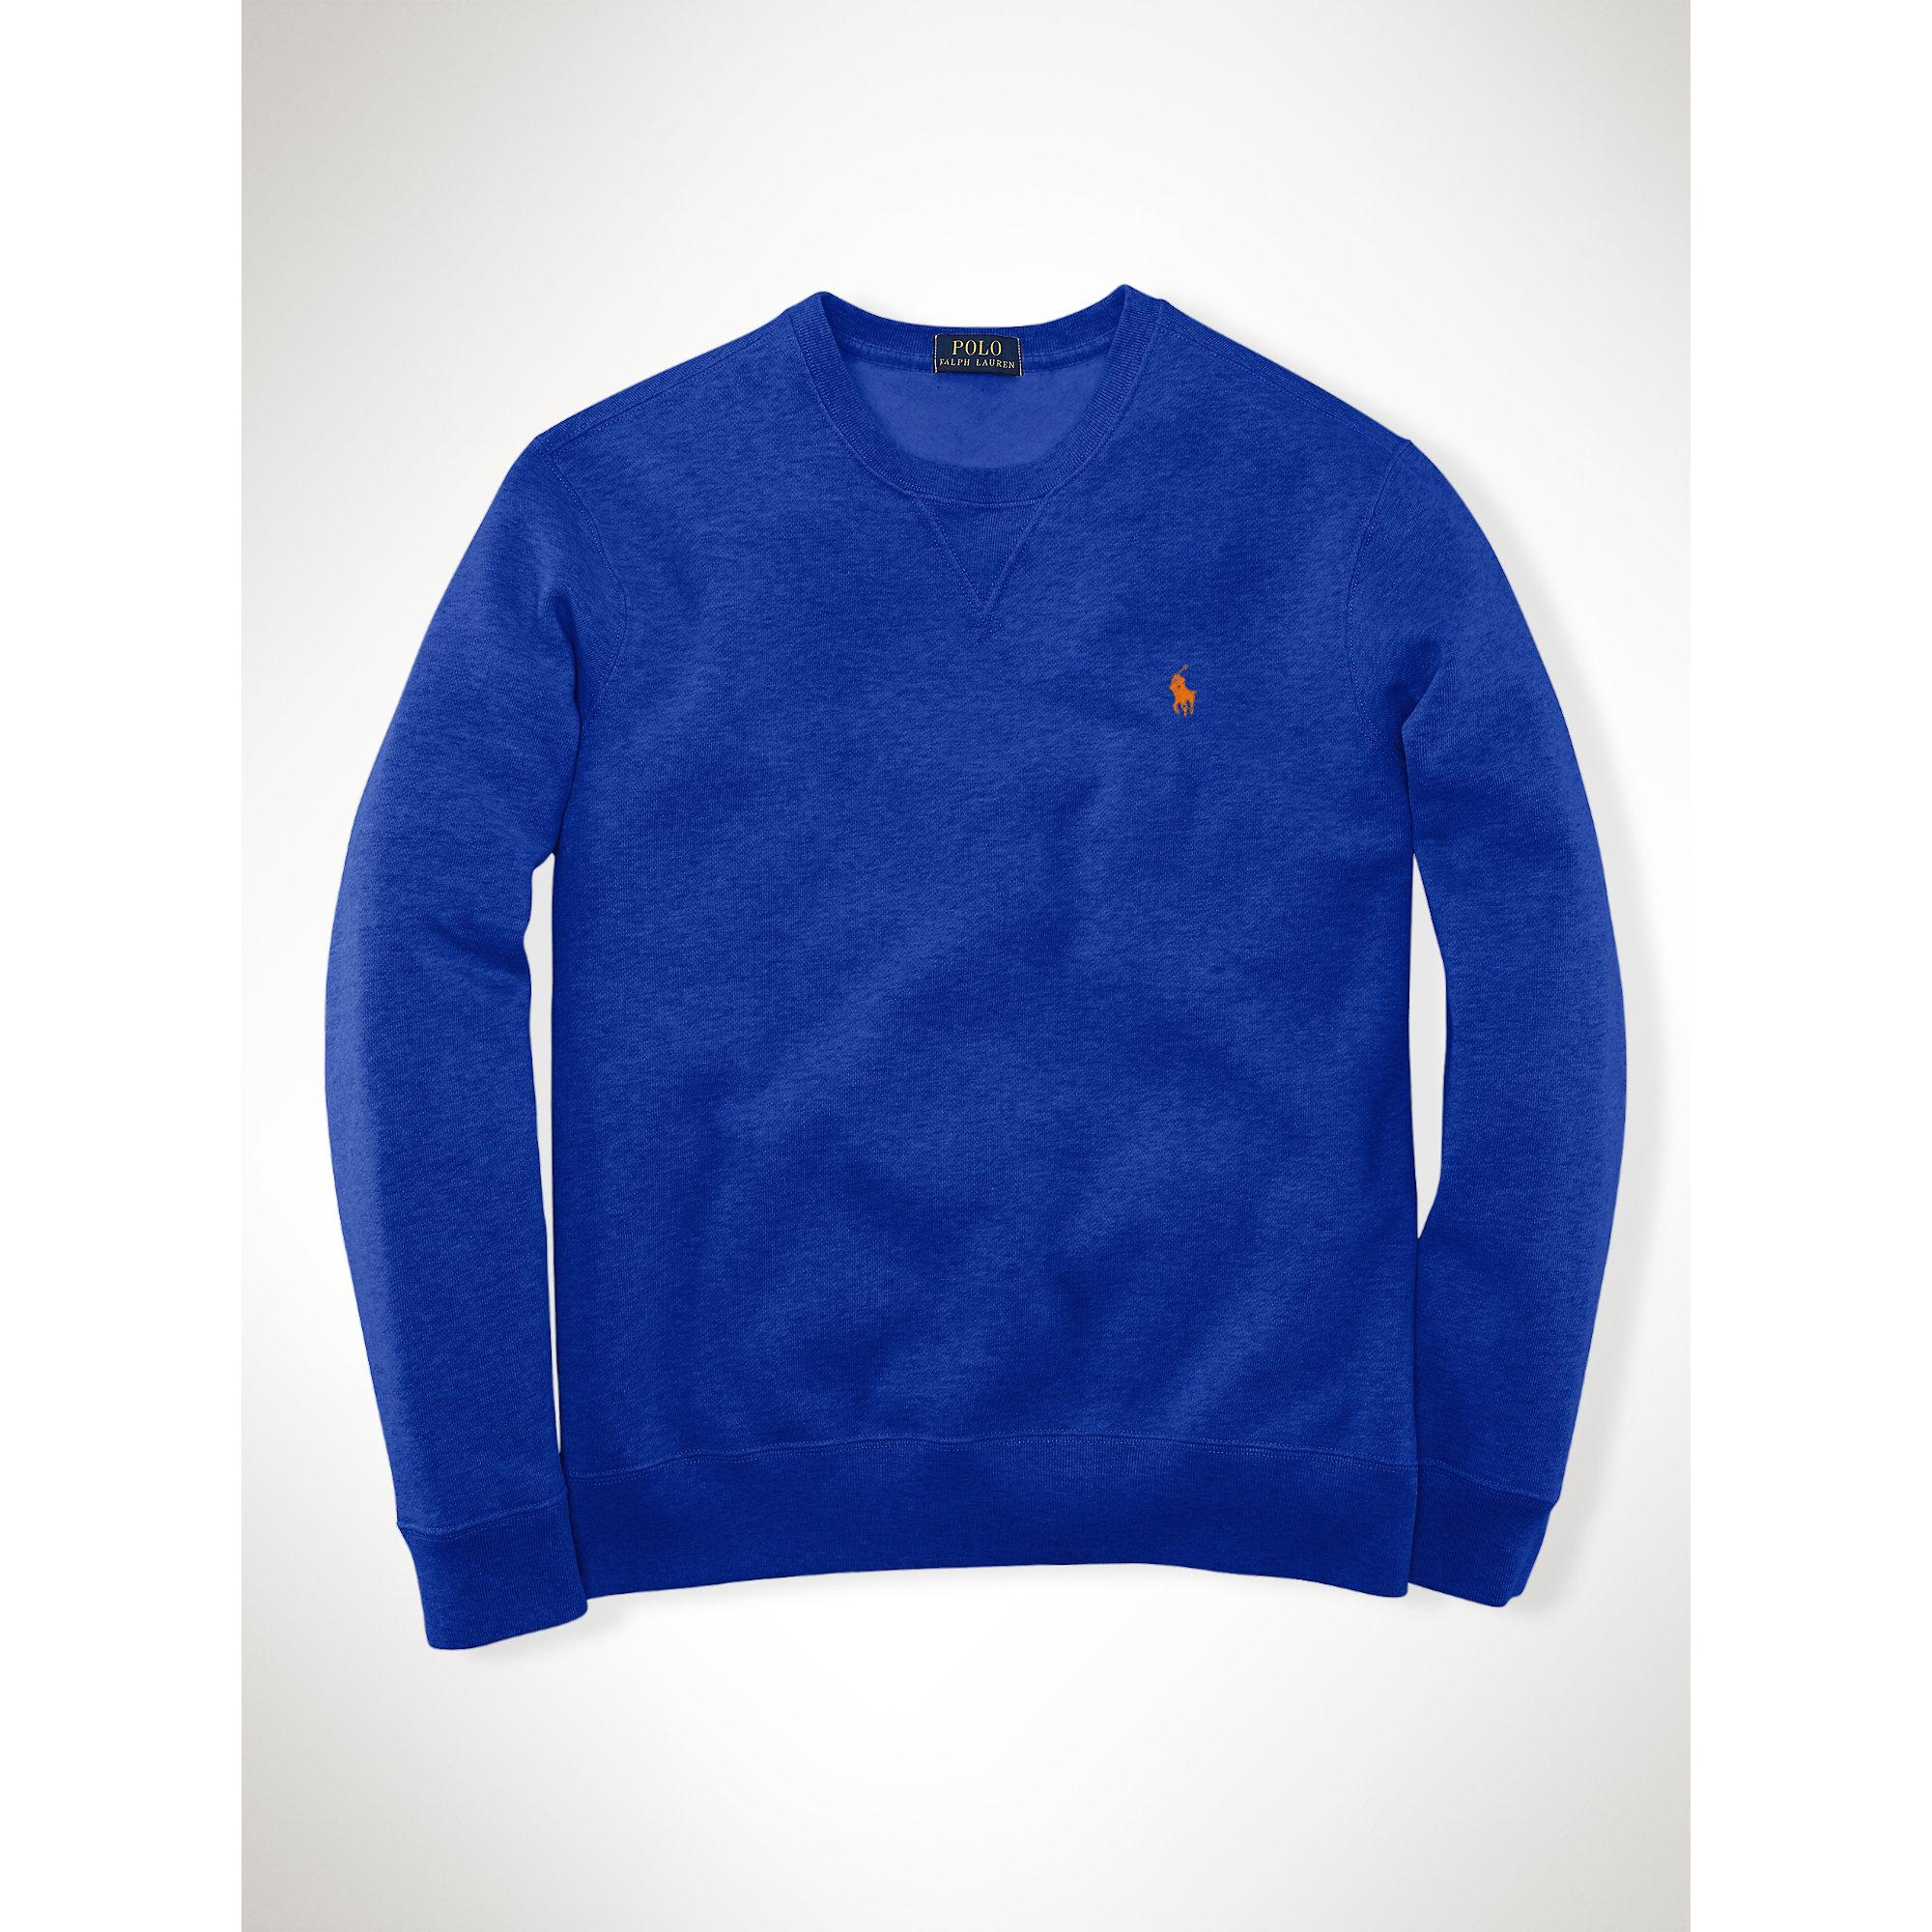 ralph lauren fleece crewneck sweatshirt in blue for men. Black Bedroom Furniture Sets. Home Design Ideas